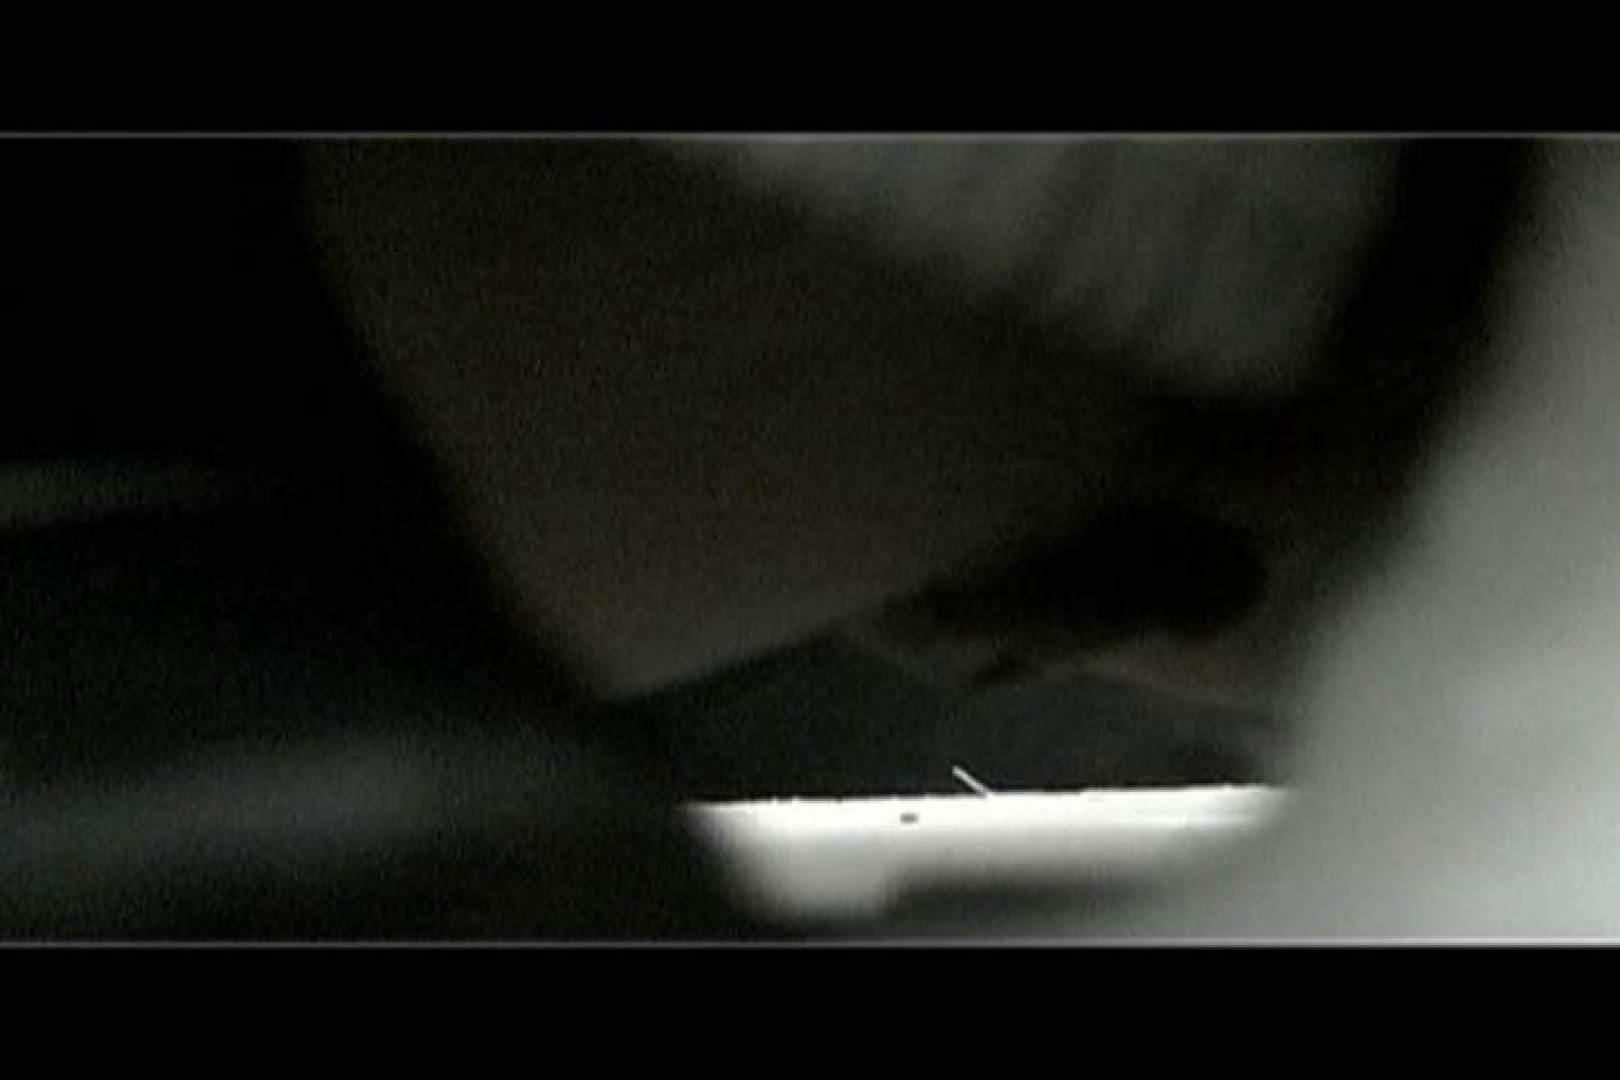 マンコ丸見え女子洗面所Vol.7 盗撮特集 オマンコ動画キャプチャ 72画像 35